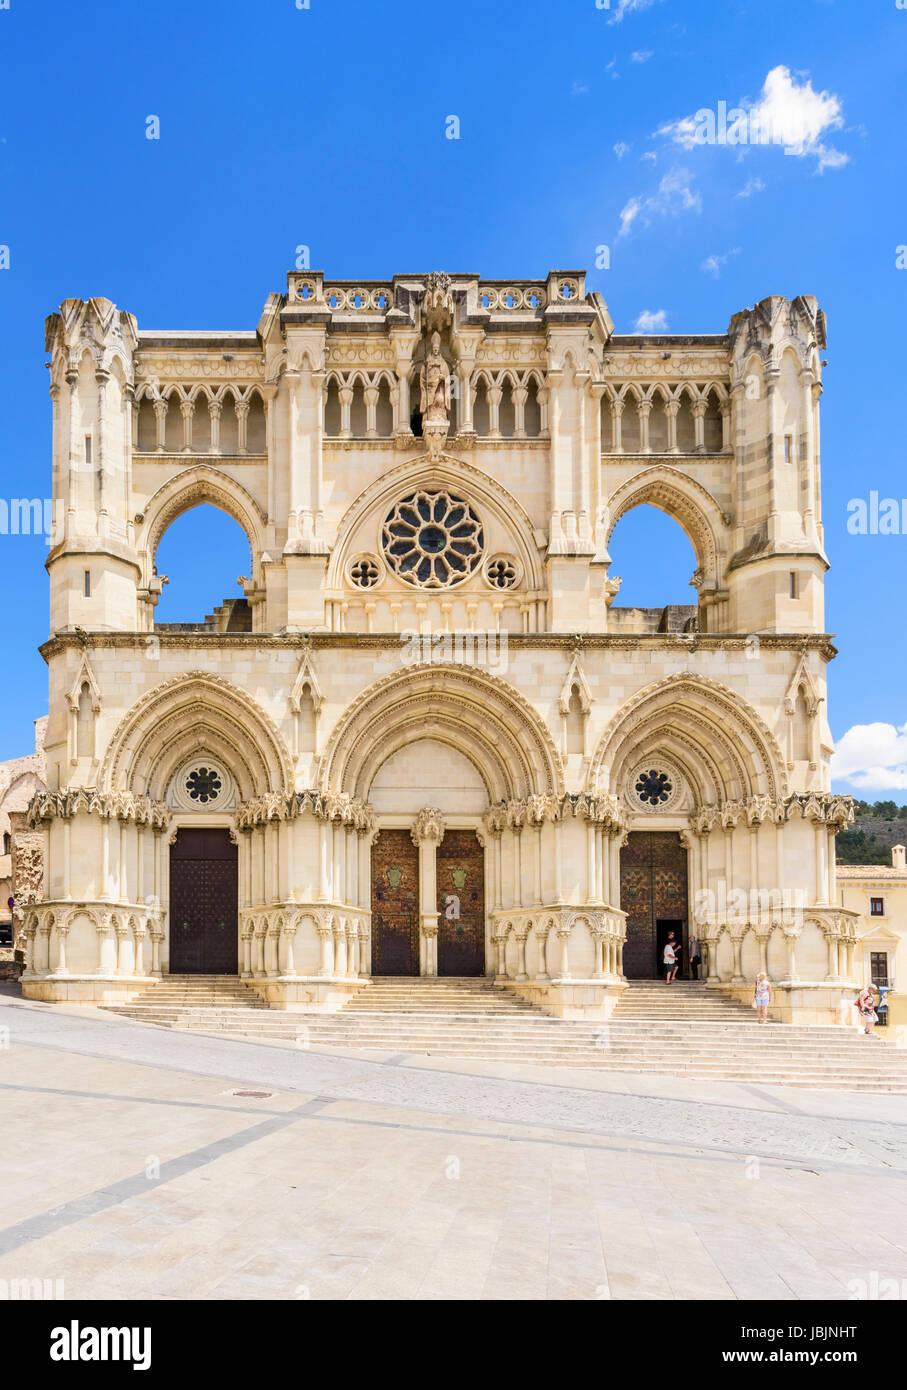 Facade of the Cathedral of Santa Maria de Gracia, Plaza Mayor, Cuenca, Castilla La Mancha, Spain - Stock Image